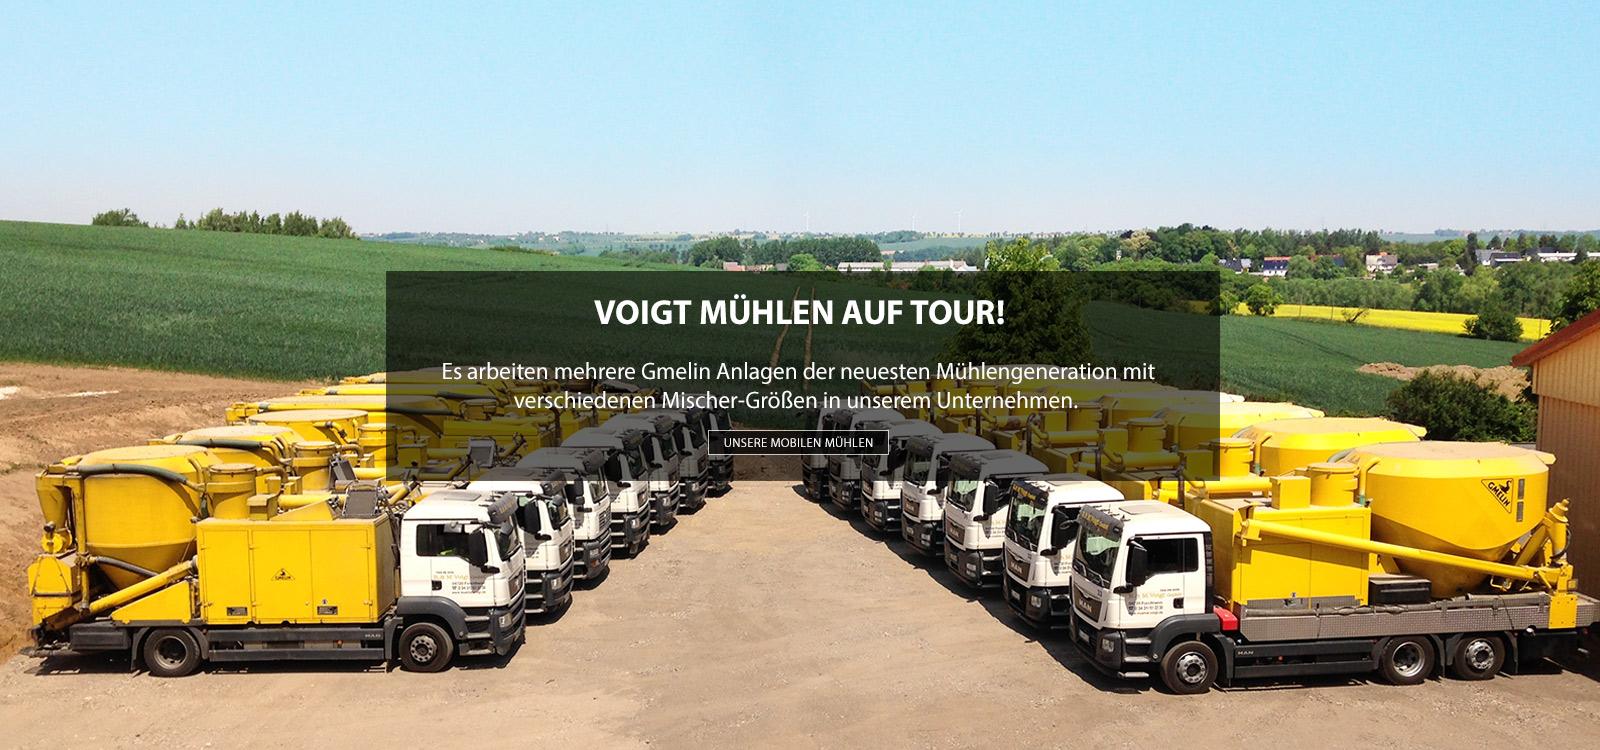 Mahl- und Mischdienst R. & M. Voigt, Mobile Mühlen